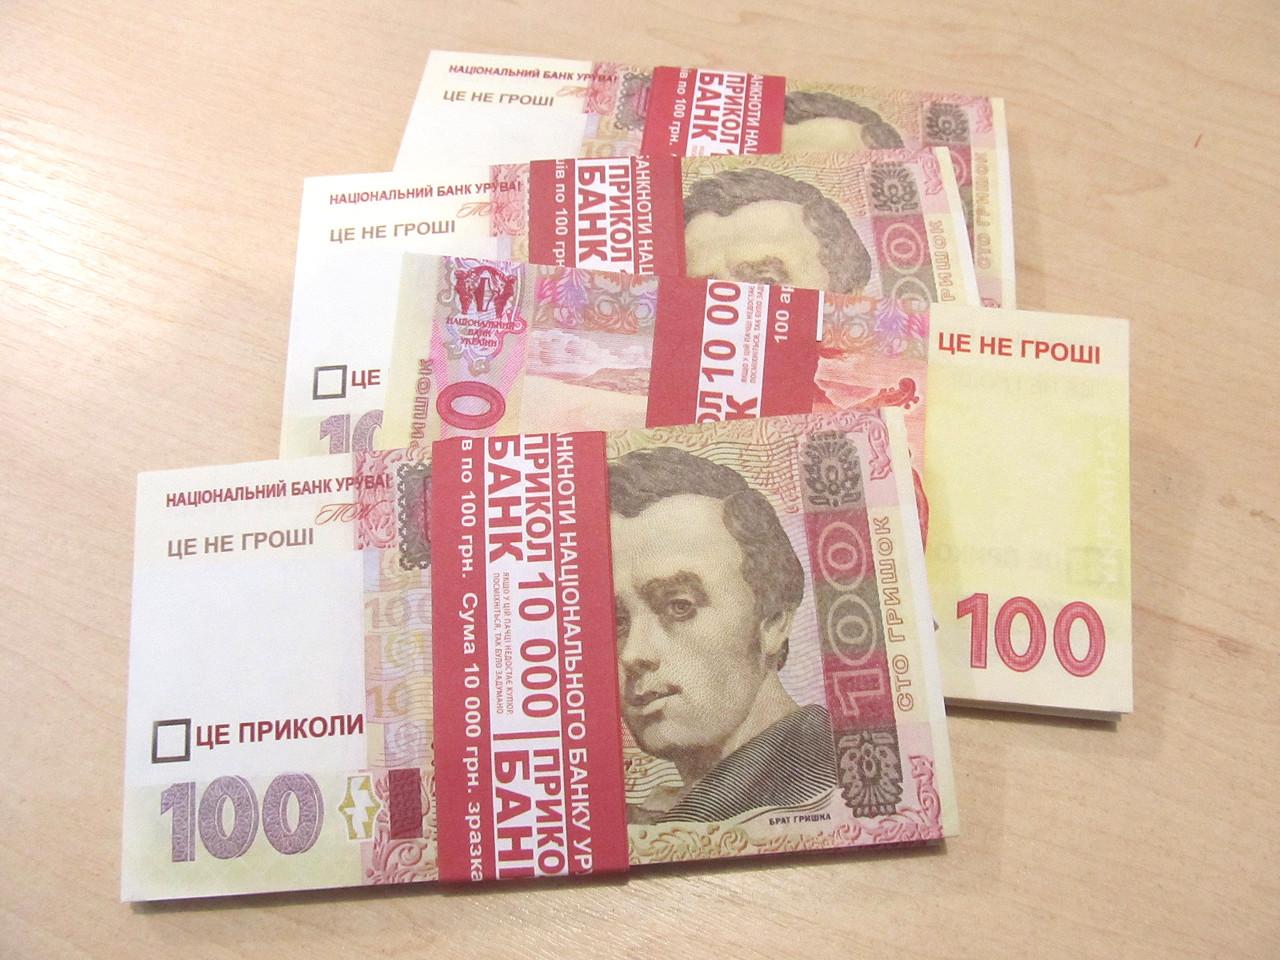 Купить Деньги сувенир 100 гривен, деньги прикол по лучшей цене 23 ...